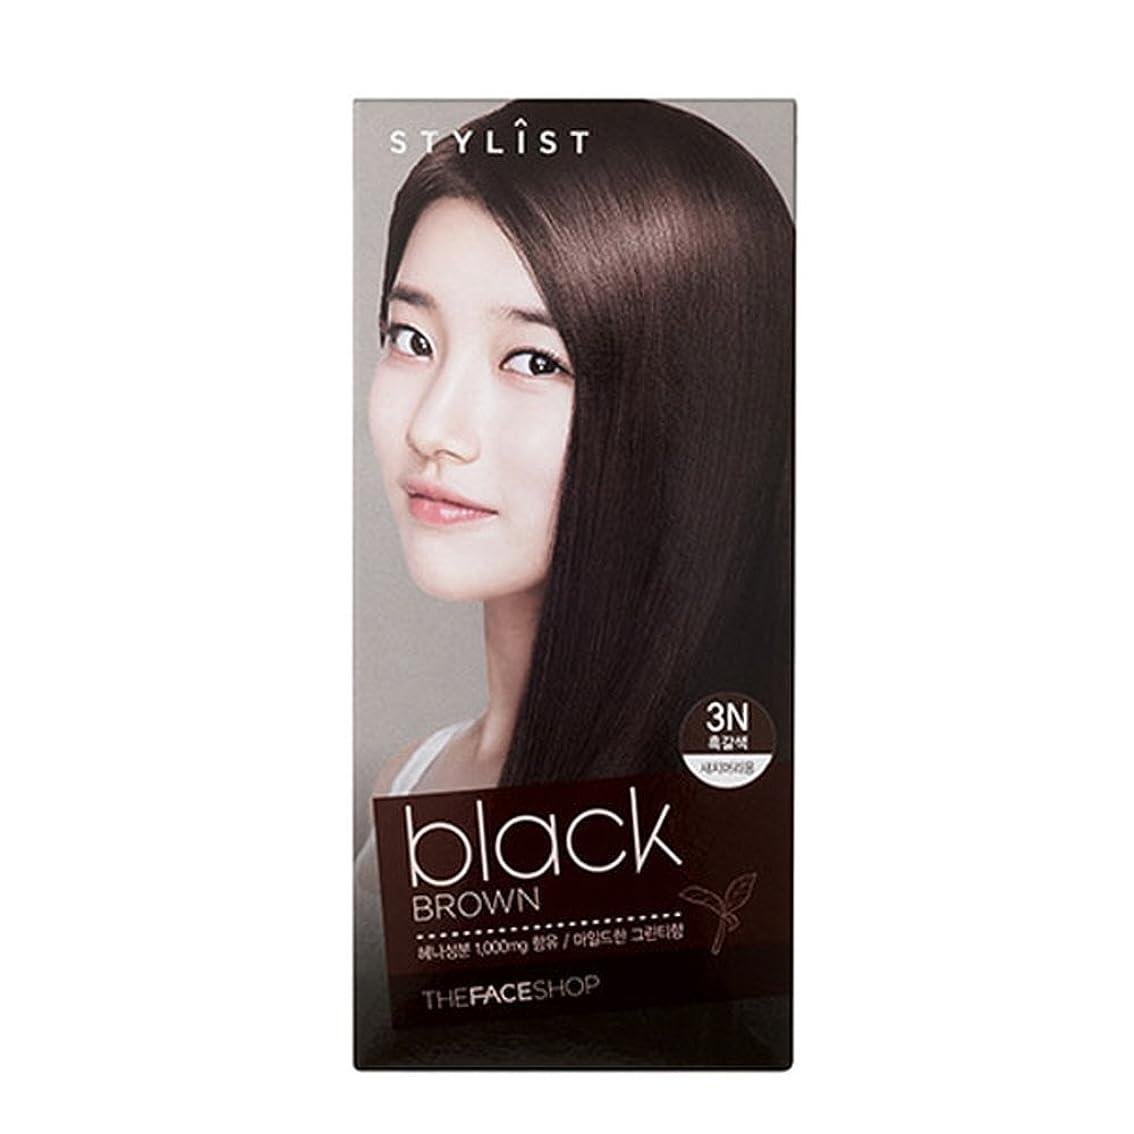 アレルギー繁栄振り子[ザフェイスショップ The Face Shop] Stylist Silky Hair Dye Color Cream Black Brown